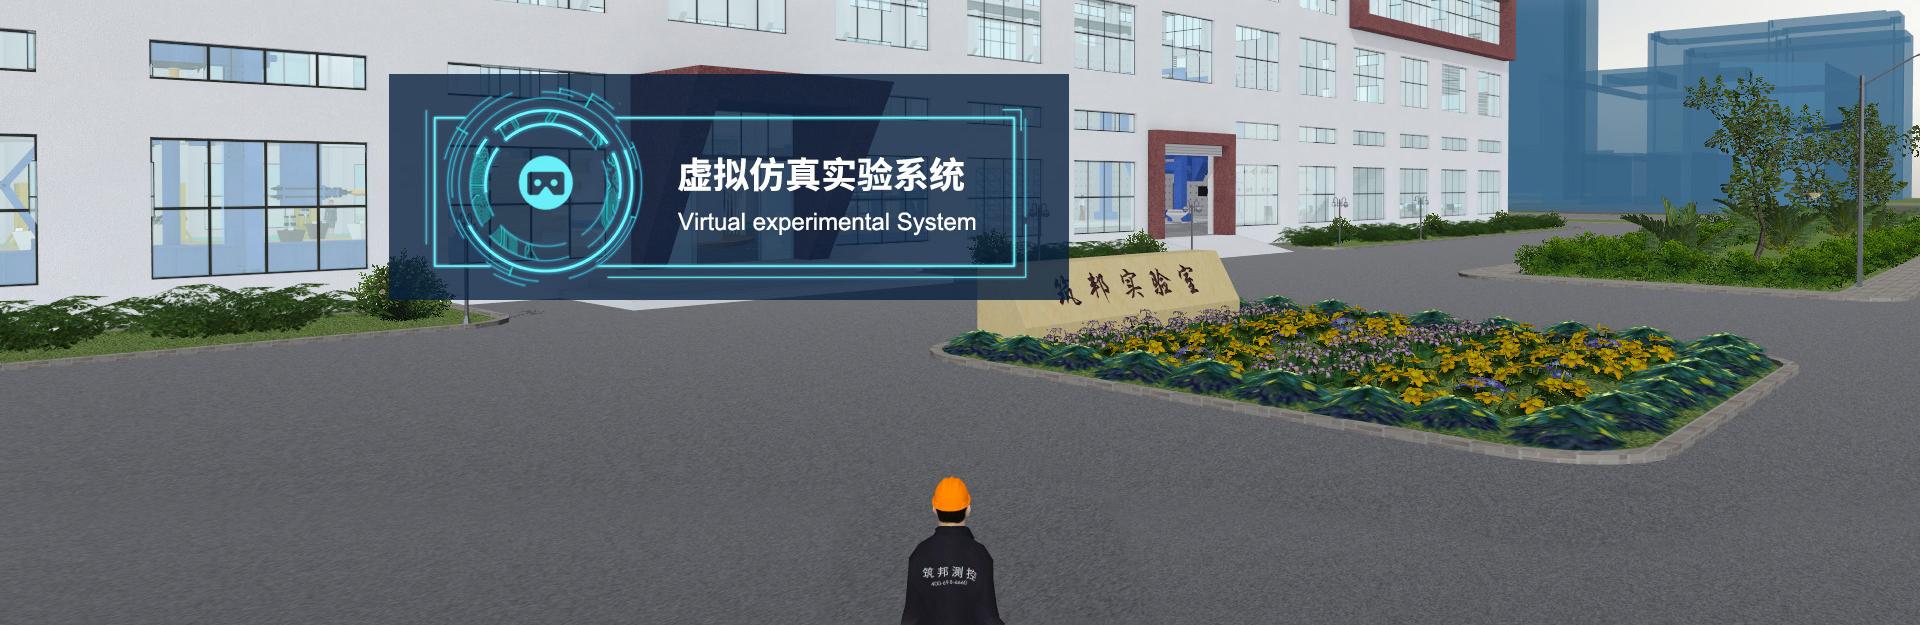 虚拟仿真实验系统